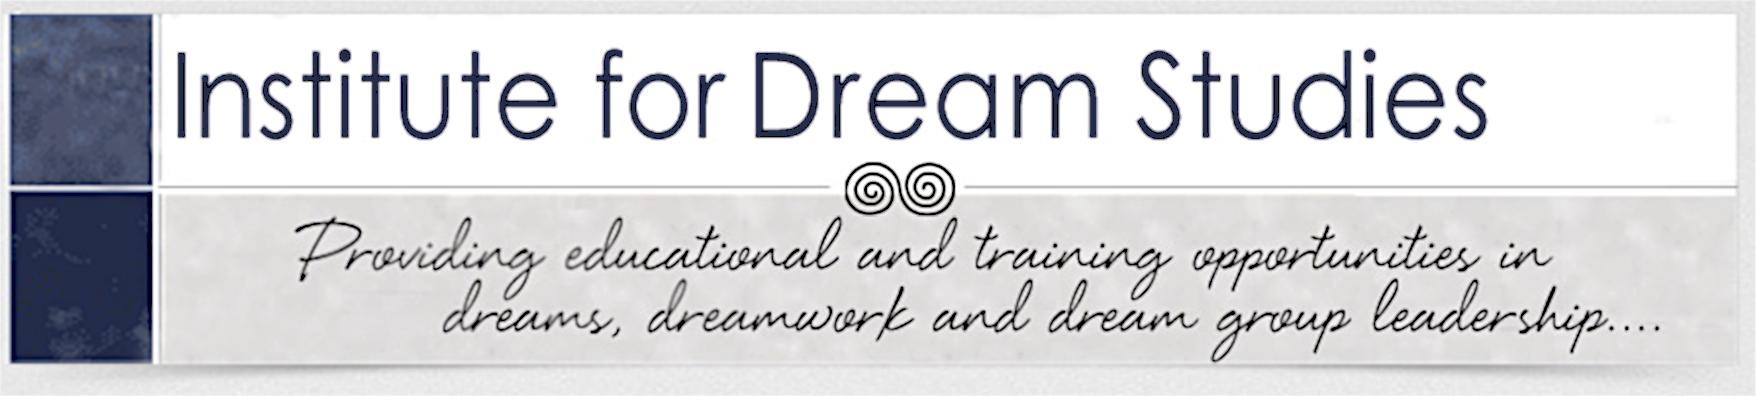 Institute for Dream Studies Logo